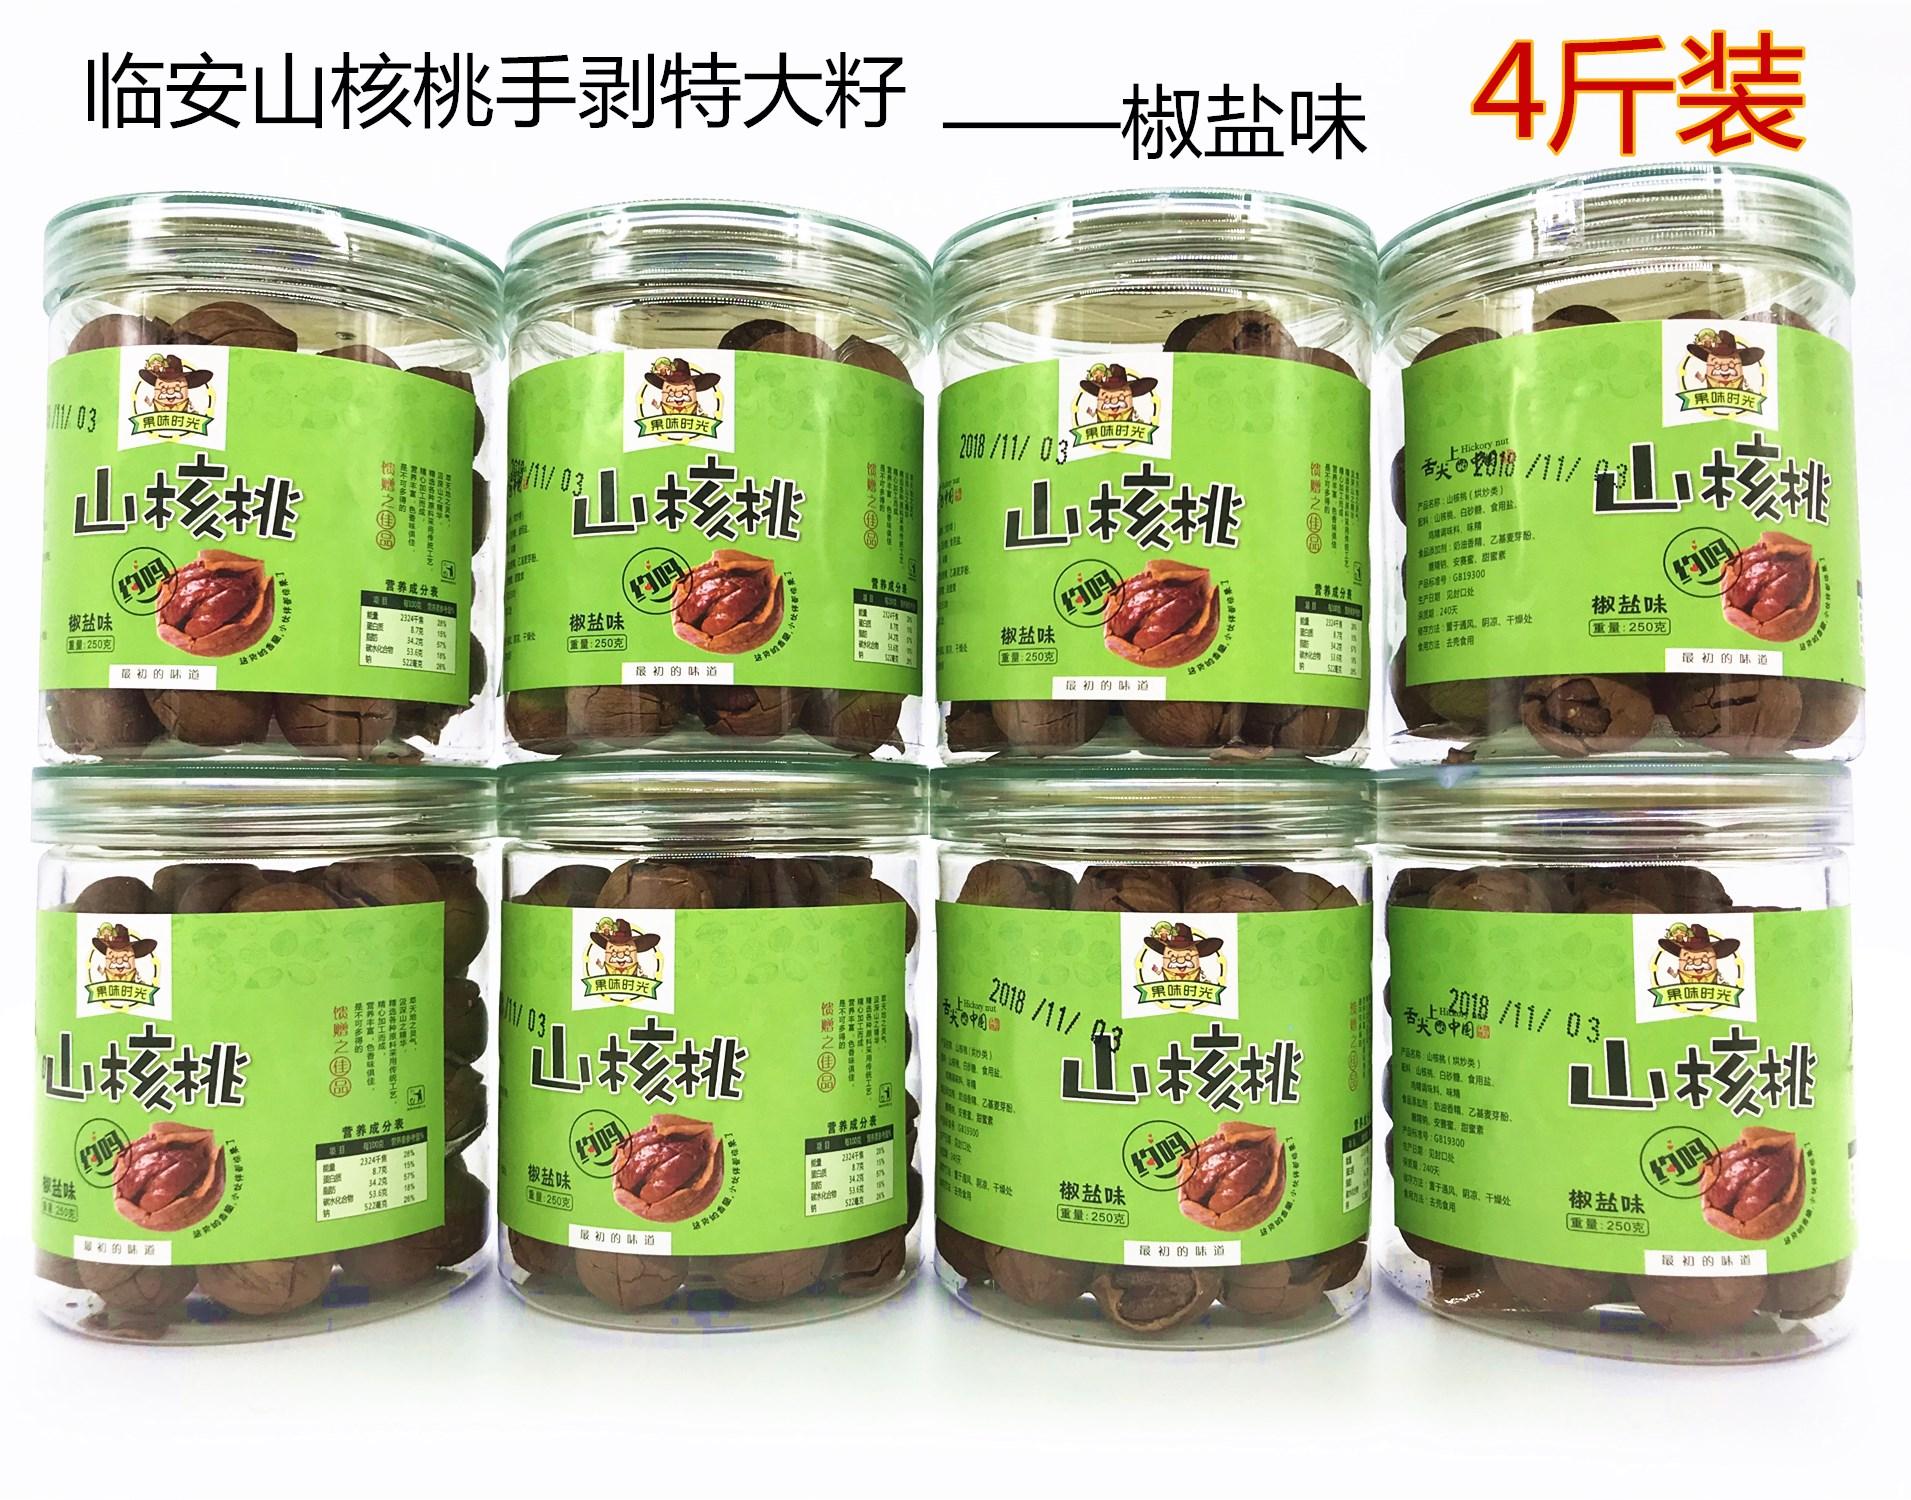 过年年货杭州特产临安手剥山核桃特大籽250g罐装椒盐味4斤8罐